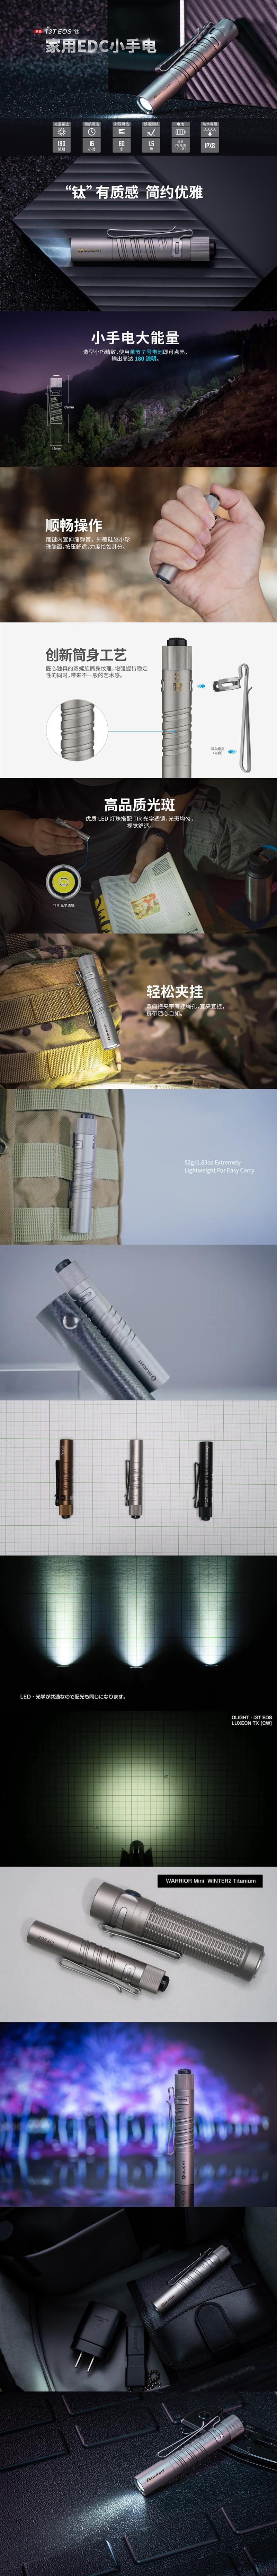 【錸特光電 OLIGHT 台灣總代理】Olight i3T Ti  Titanium  180 流明 鈦合金 AAA筒 EDC手電筒_1